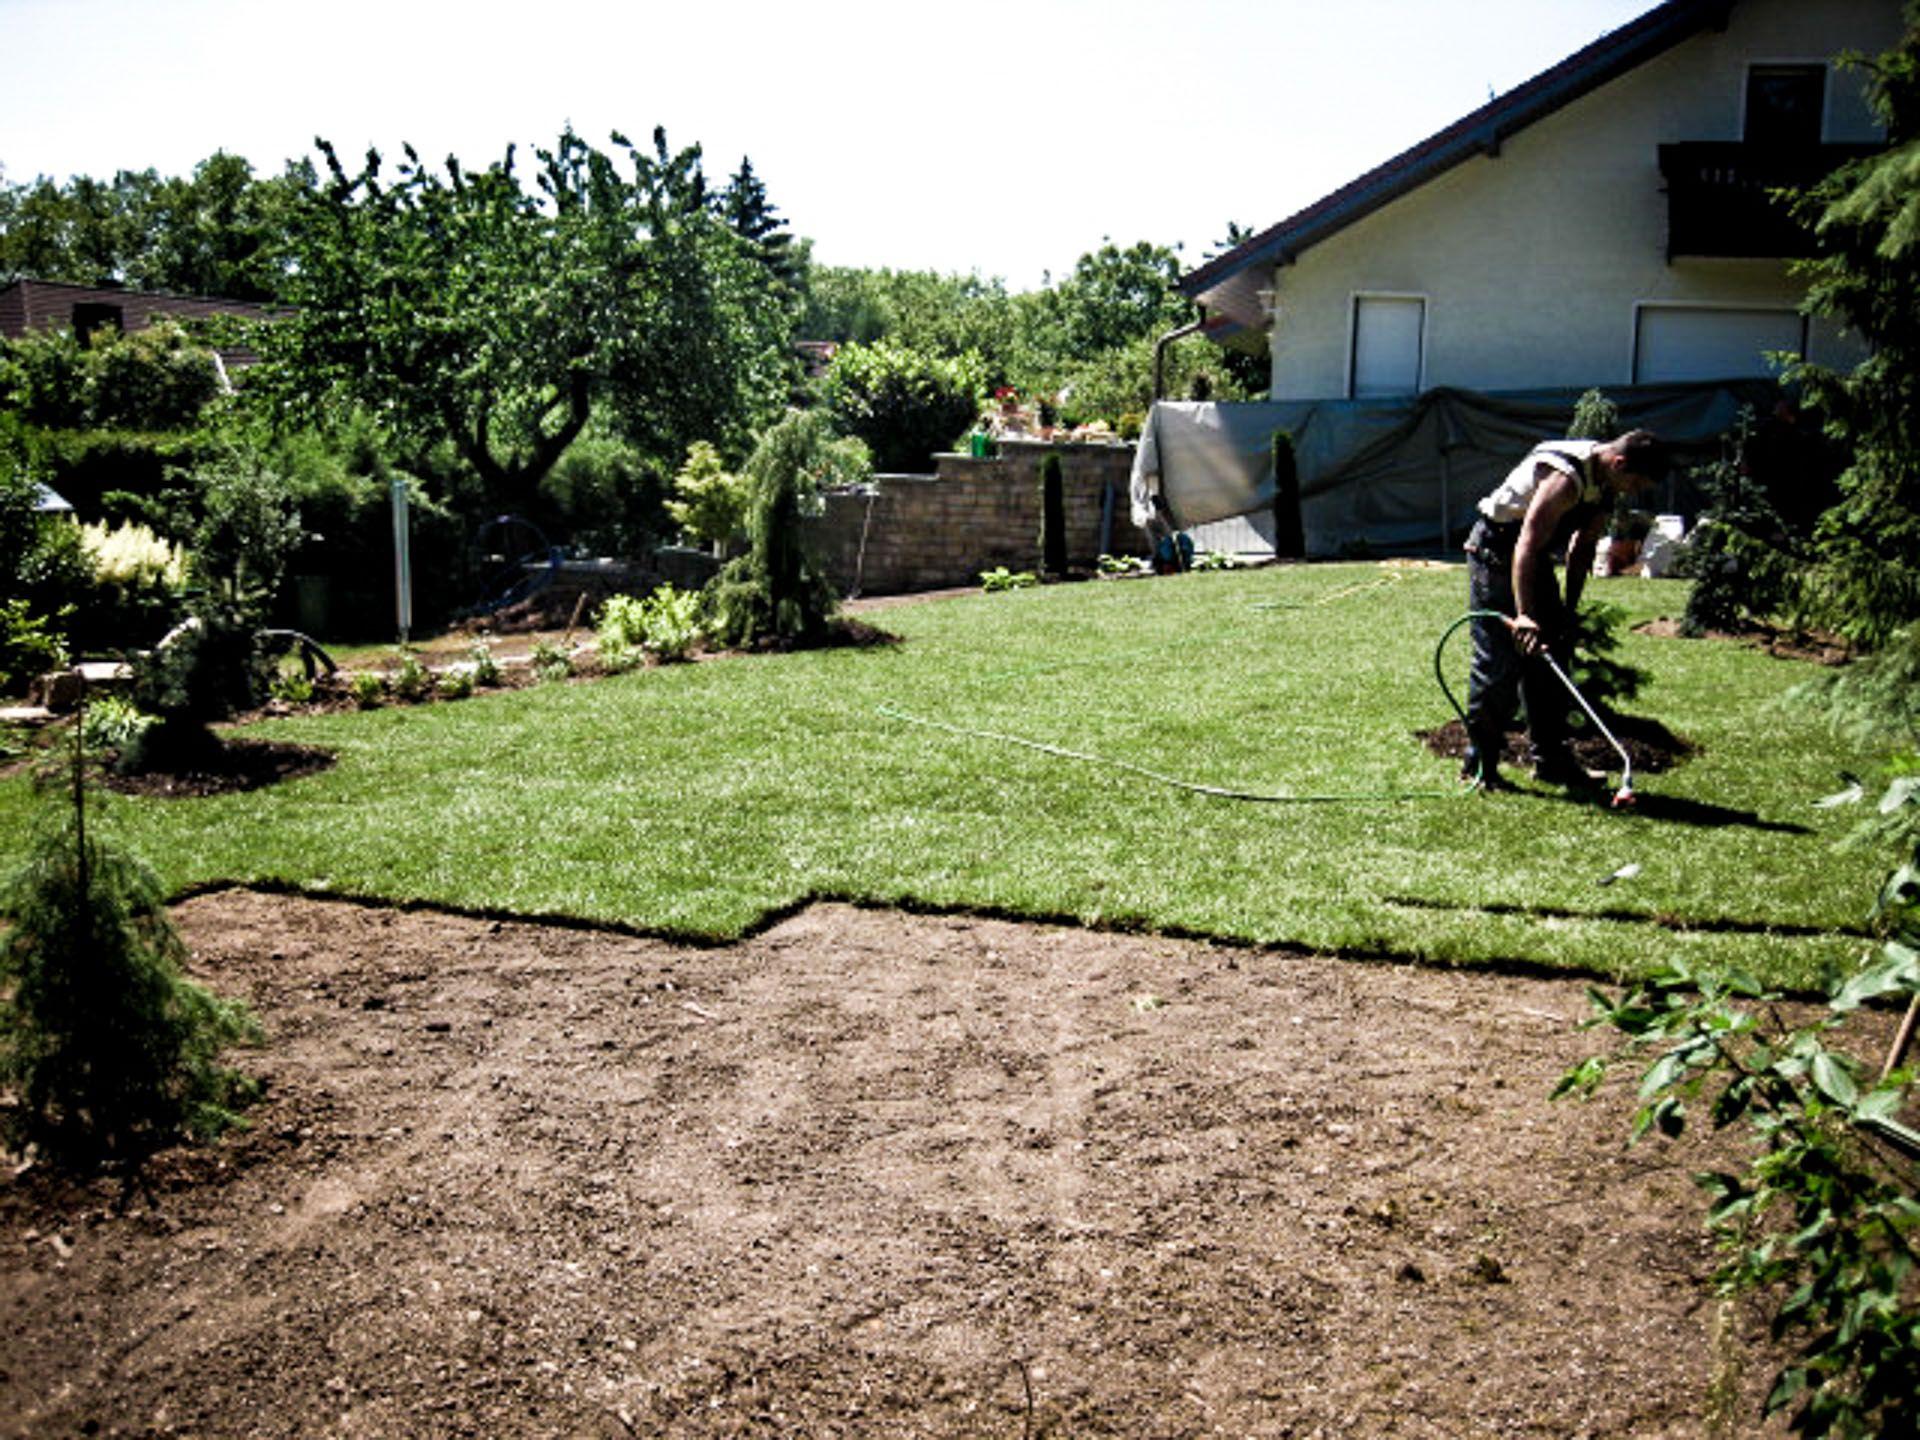 Forner Garten Landschaftsbau Theissen Zeitz 011 Gartenbau Garten Zeitz Plants